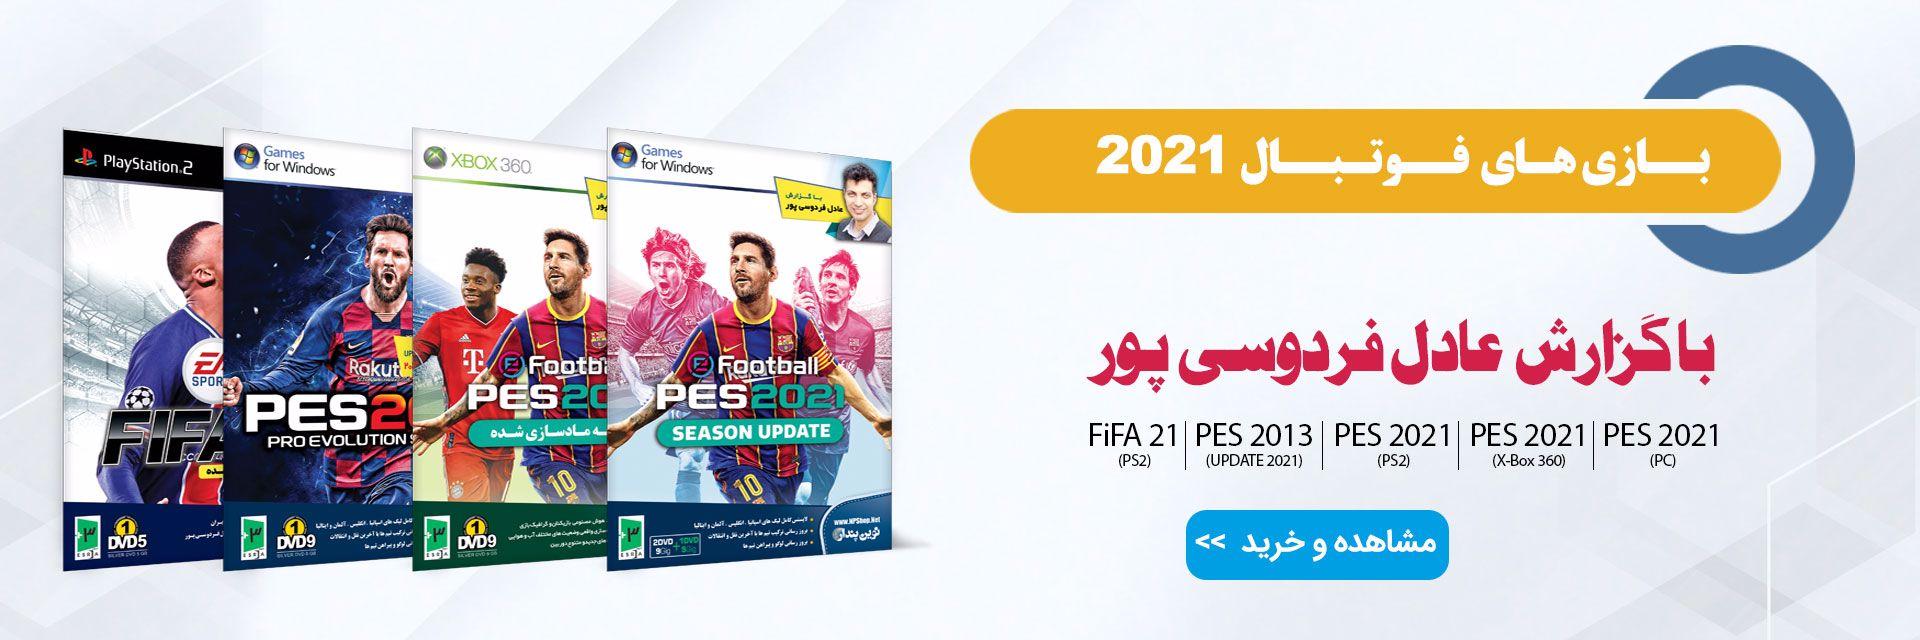 بازی های فوتبال 2021